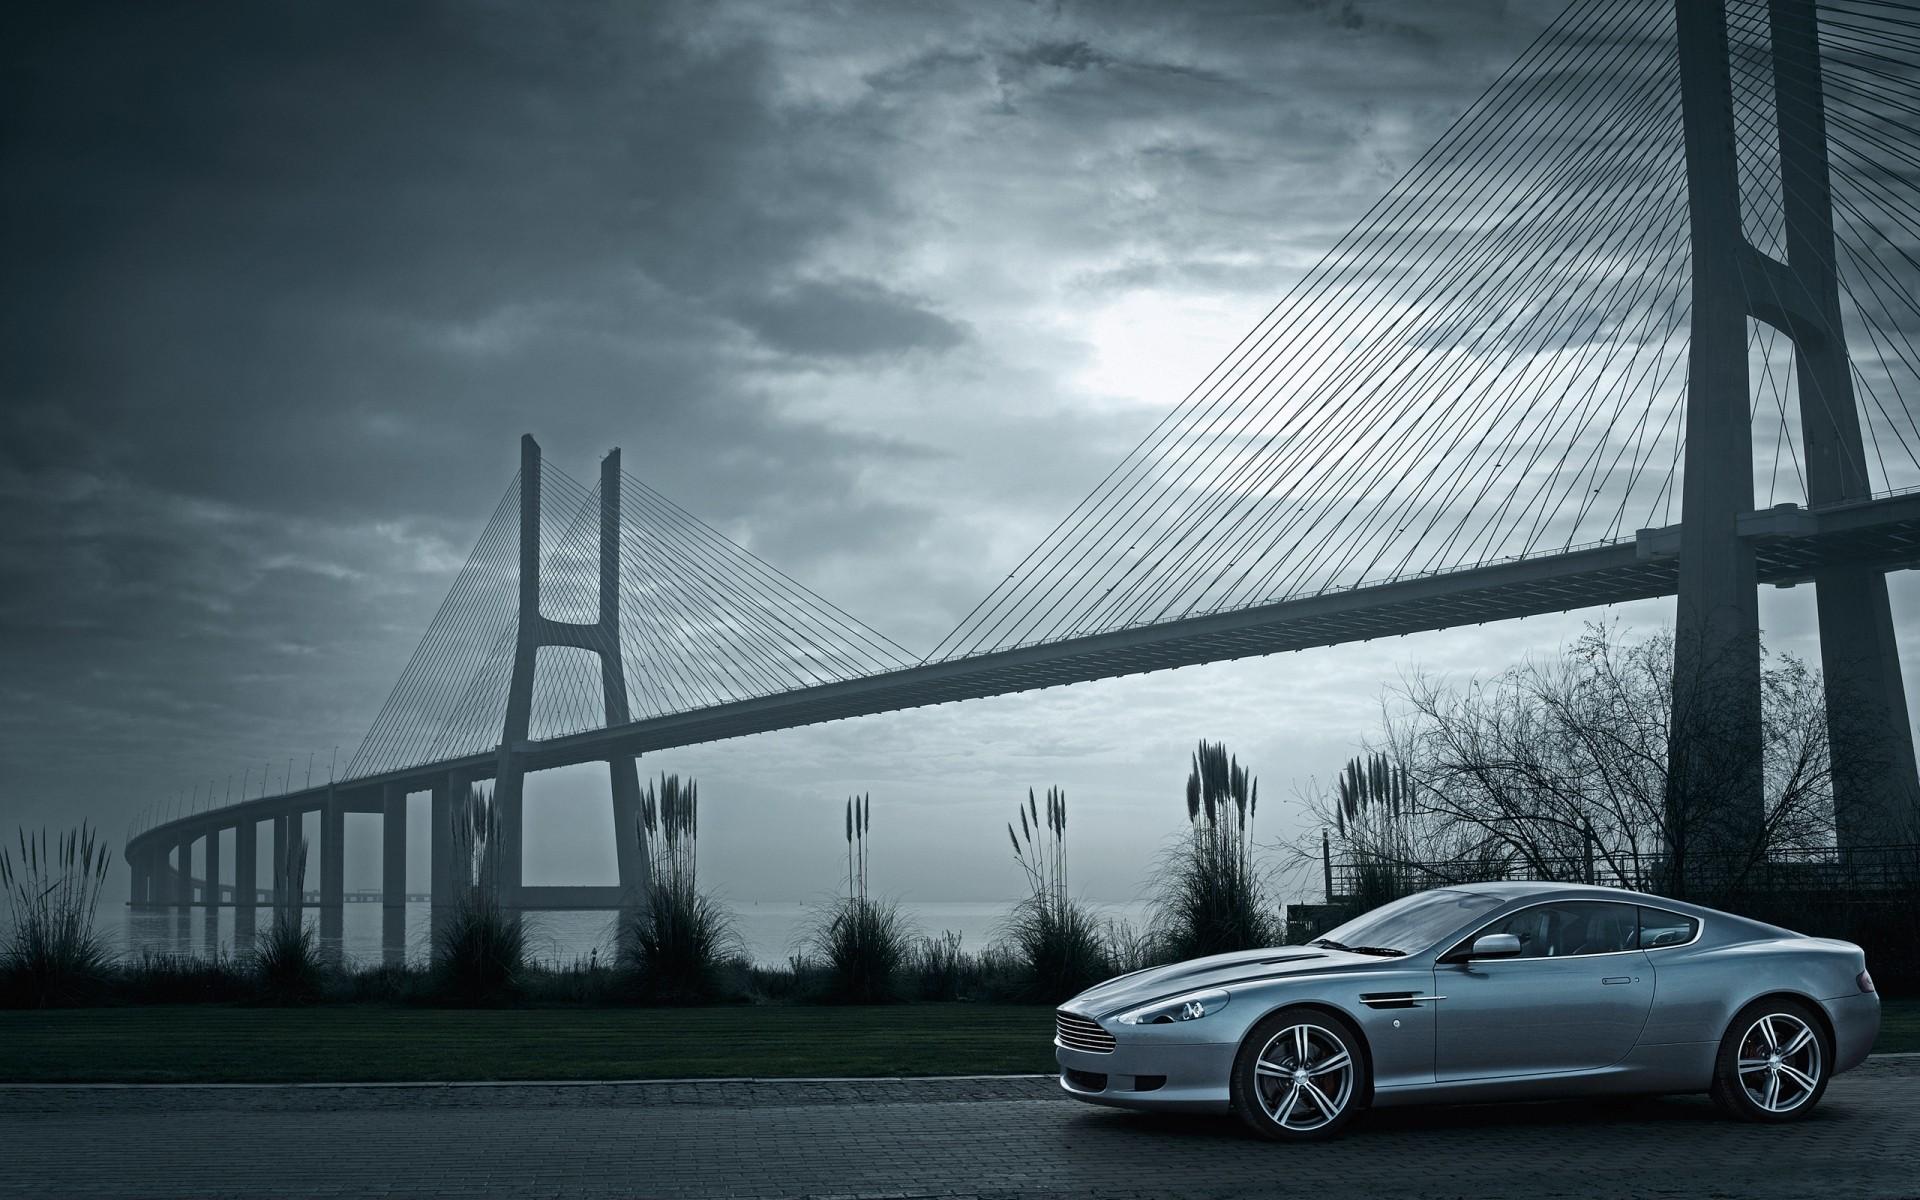 Авто под мостом загрузить